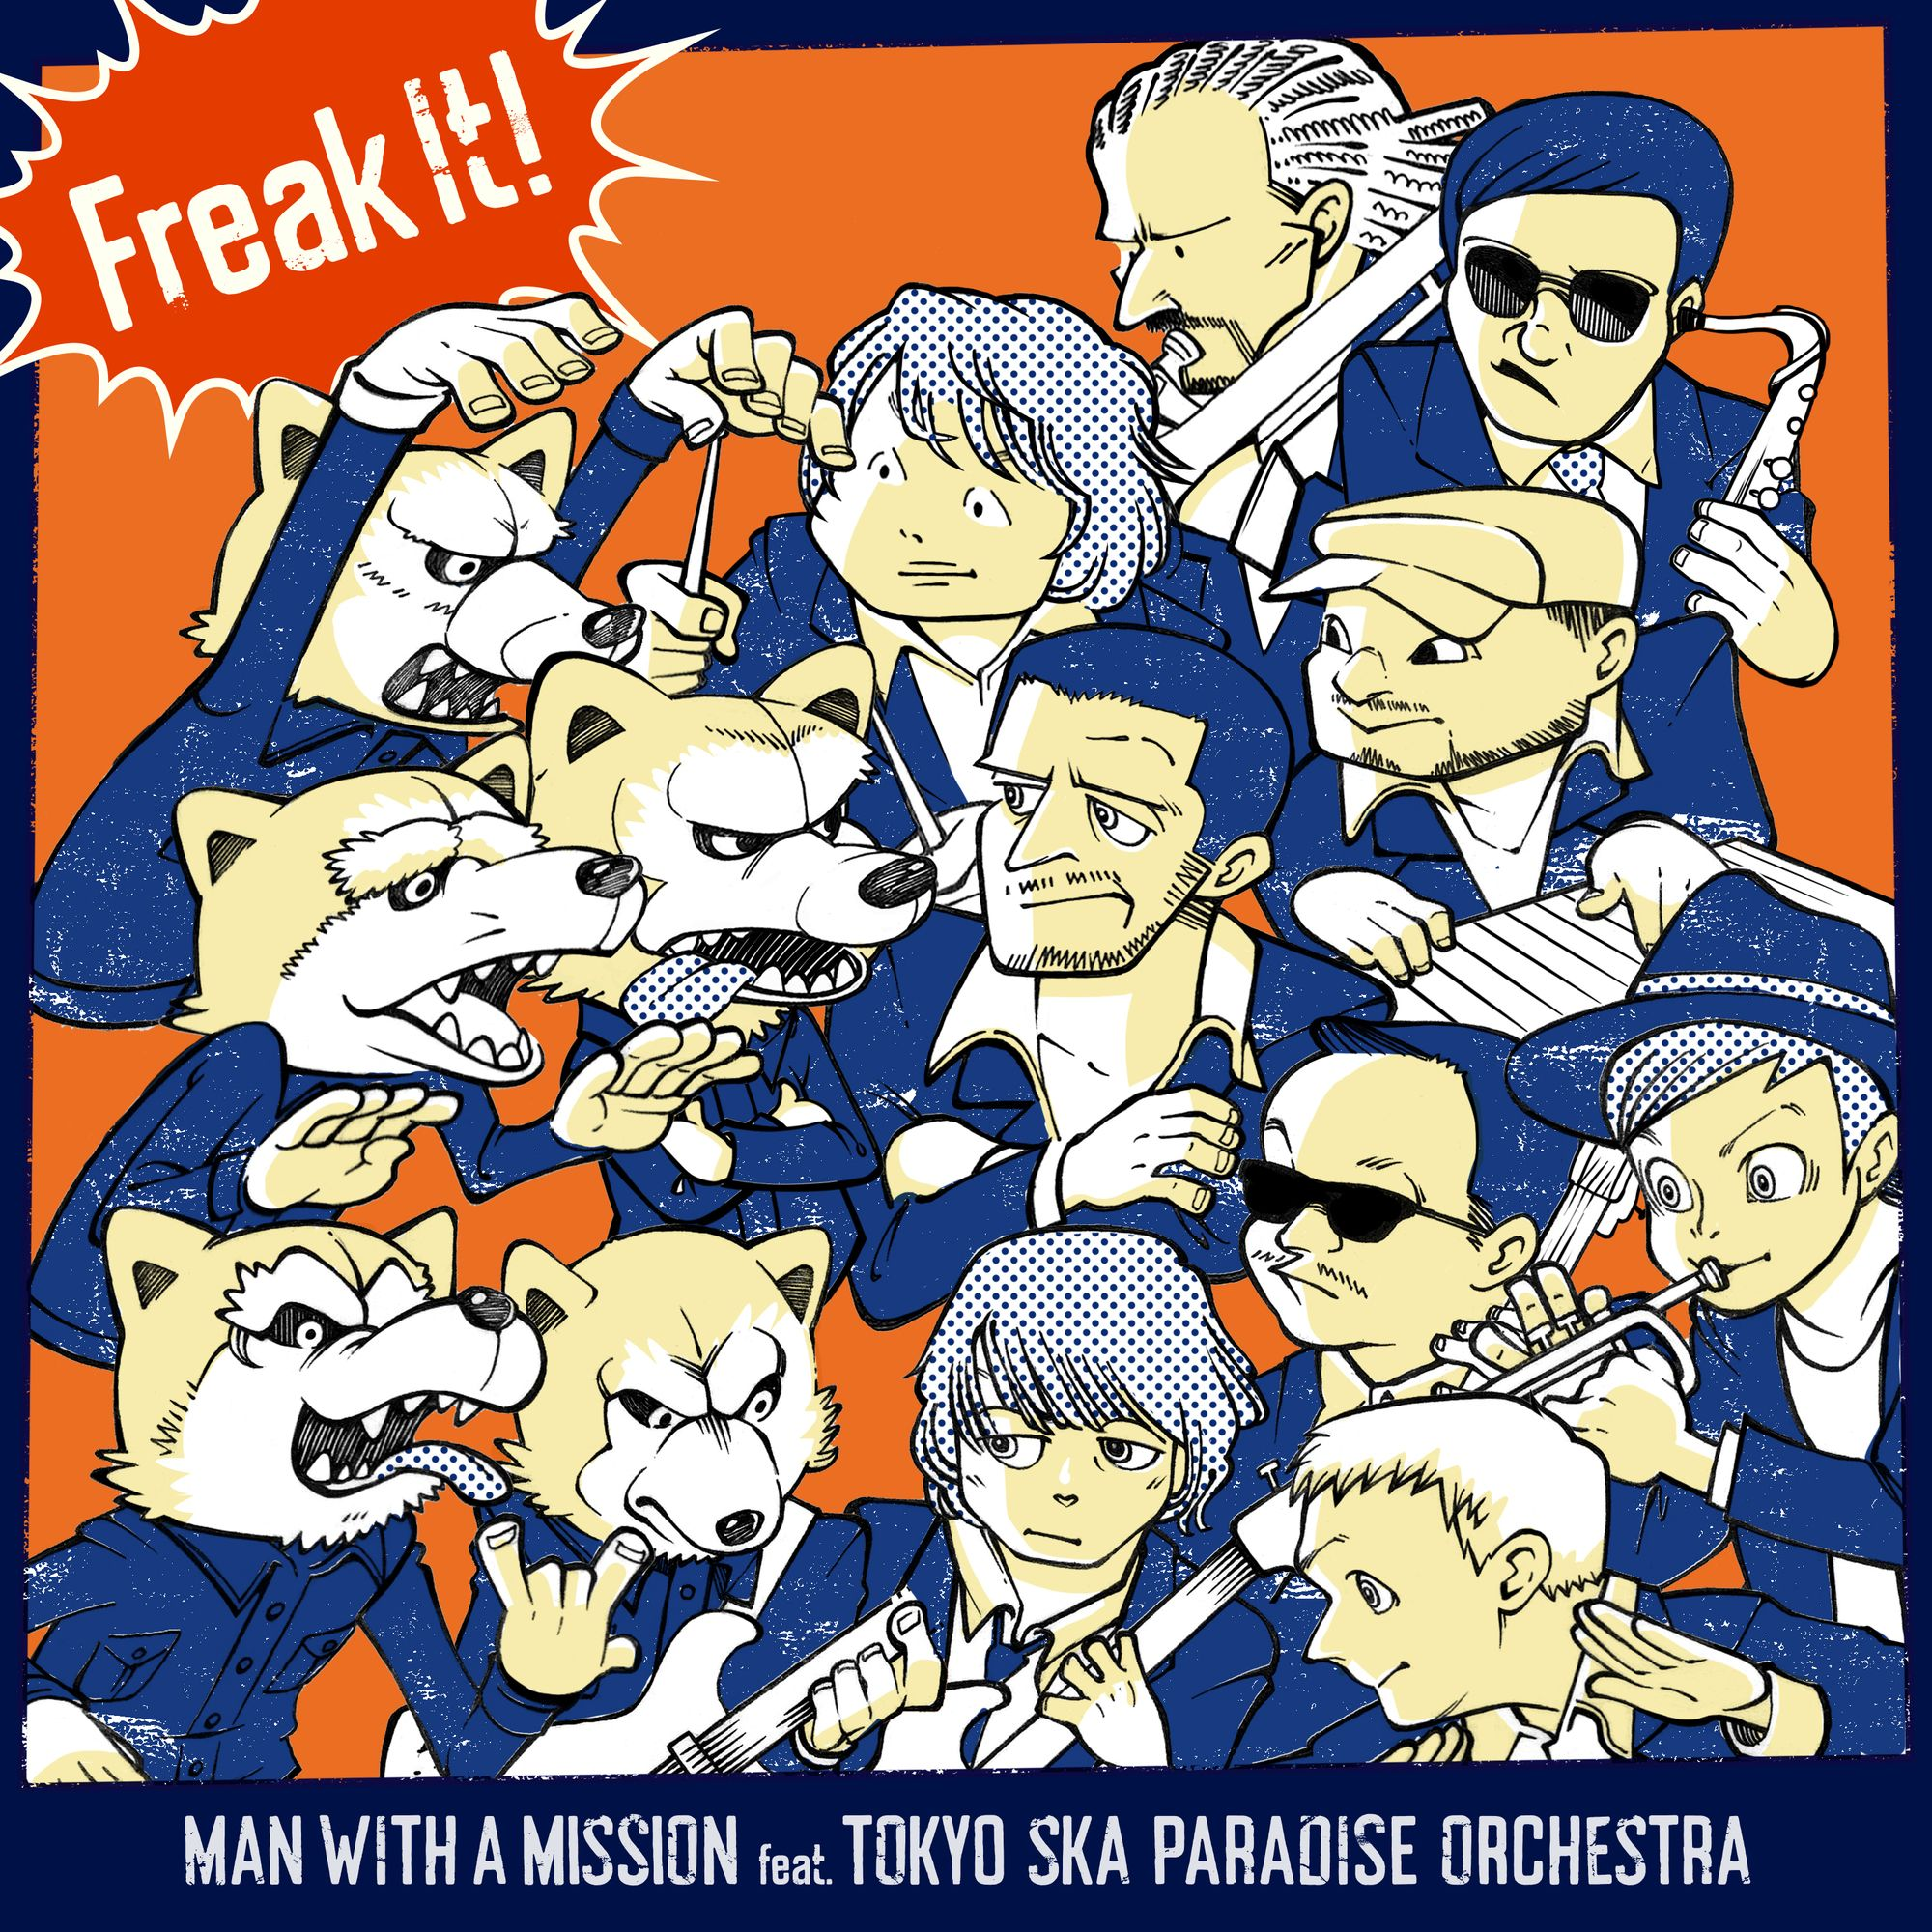 2月2日 金 に全世界デジタルリリースとなる Freak It Feat 東京スカパラダイスオーケストラ の ジャケ写が本日公開となりました Nbsp Mwamと東京スカパラダイスオーケストラのメンバーがアメコミ風のイラストで描かれており 東京スカパラダイスオーケストラ